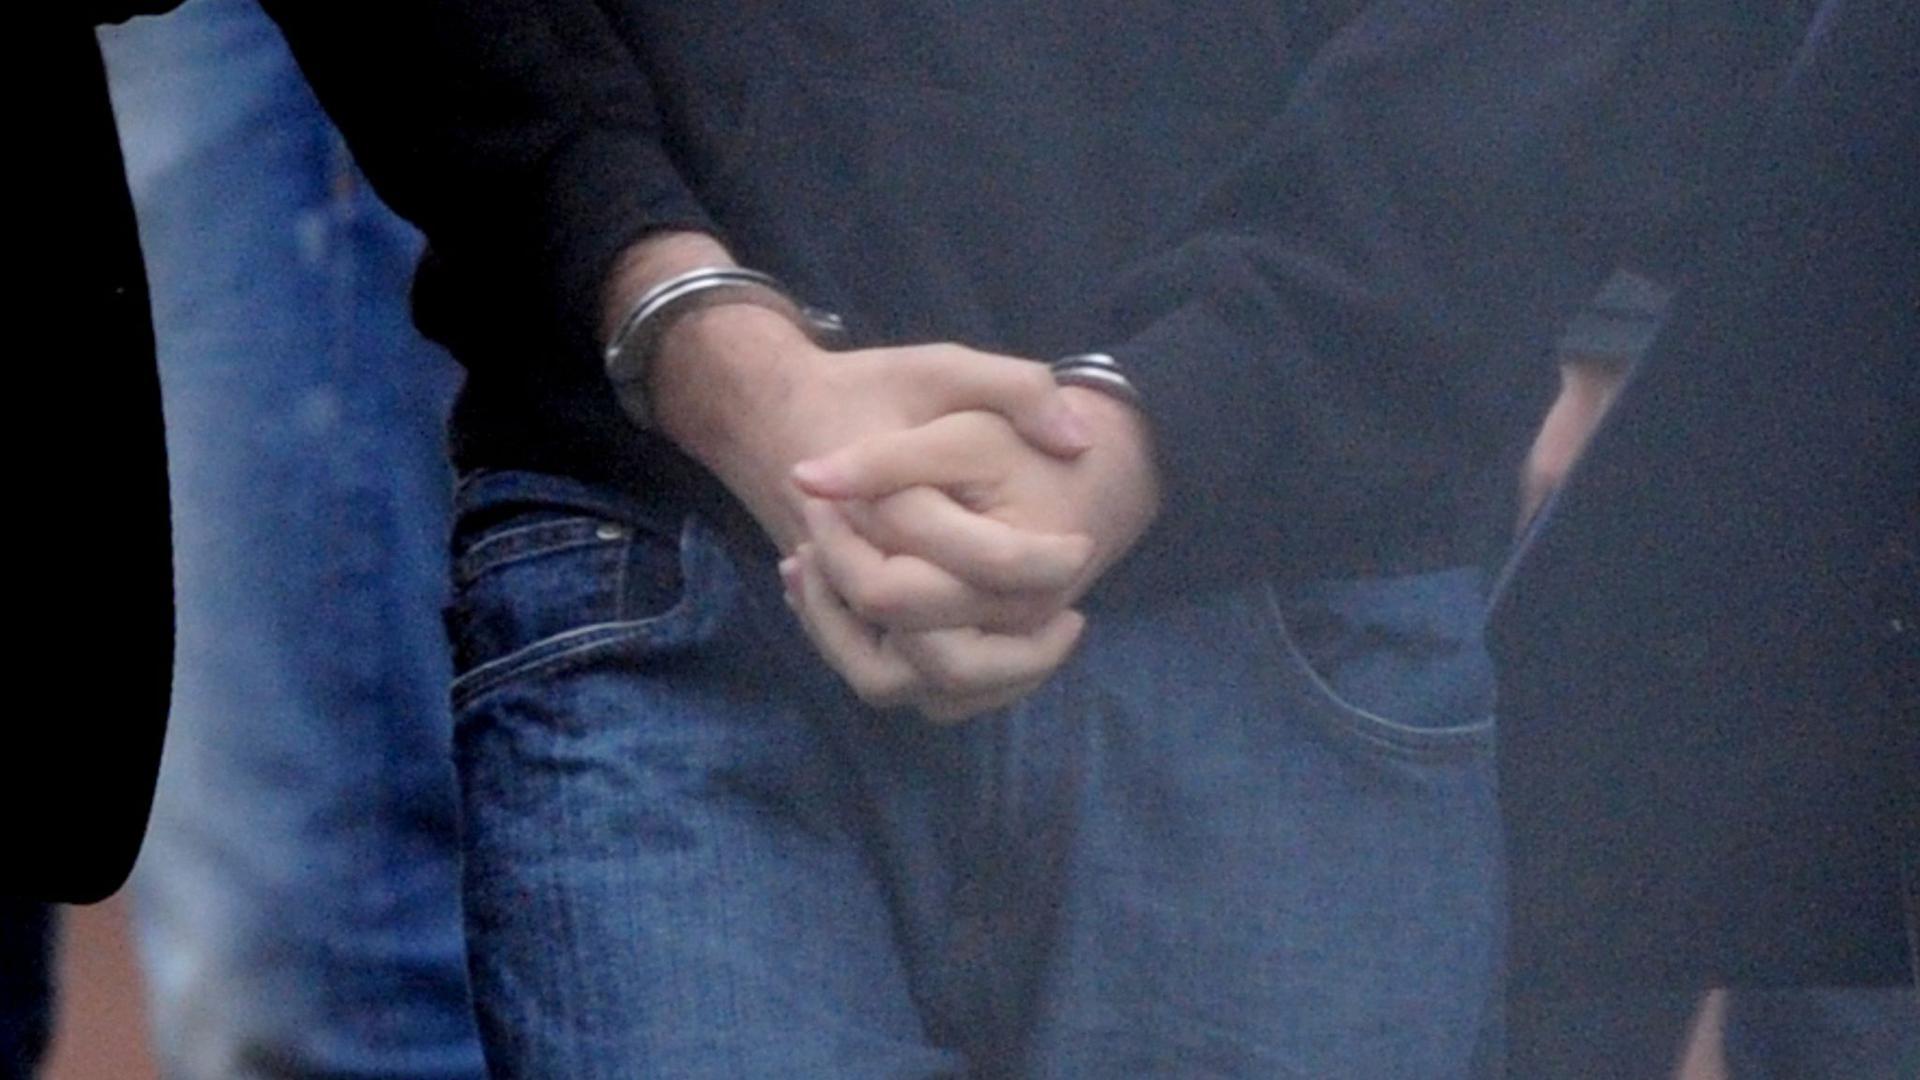 Die mit Handschellen gefesselten Hände eines mutmaßlichen Terroristen. (Symbolbild)